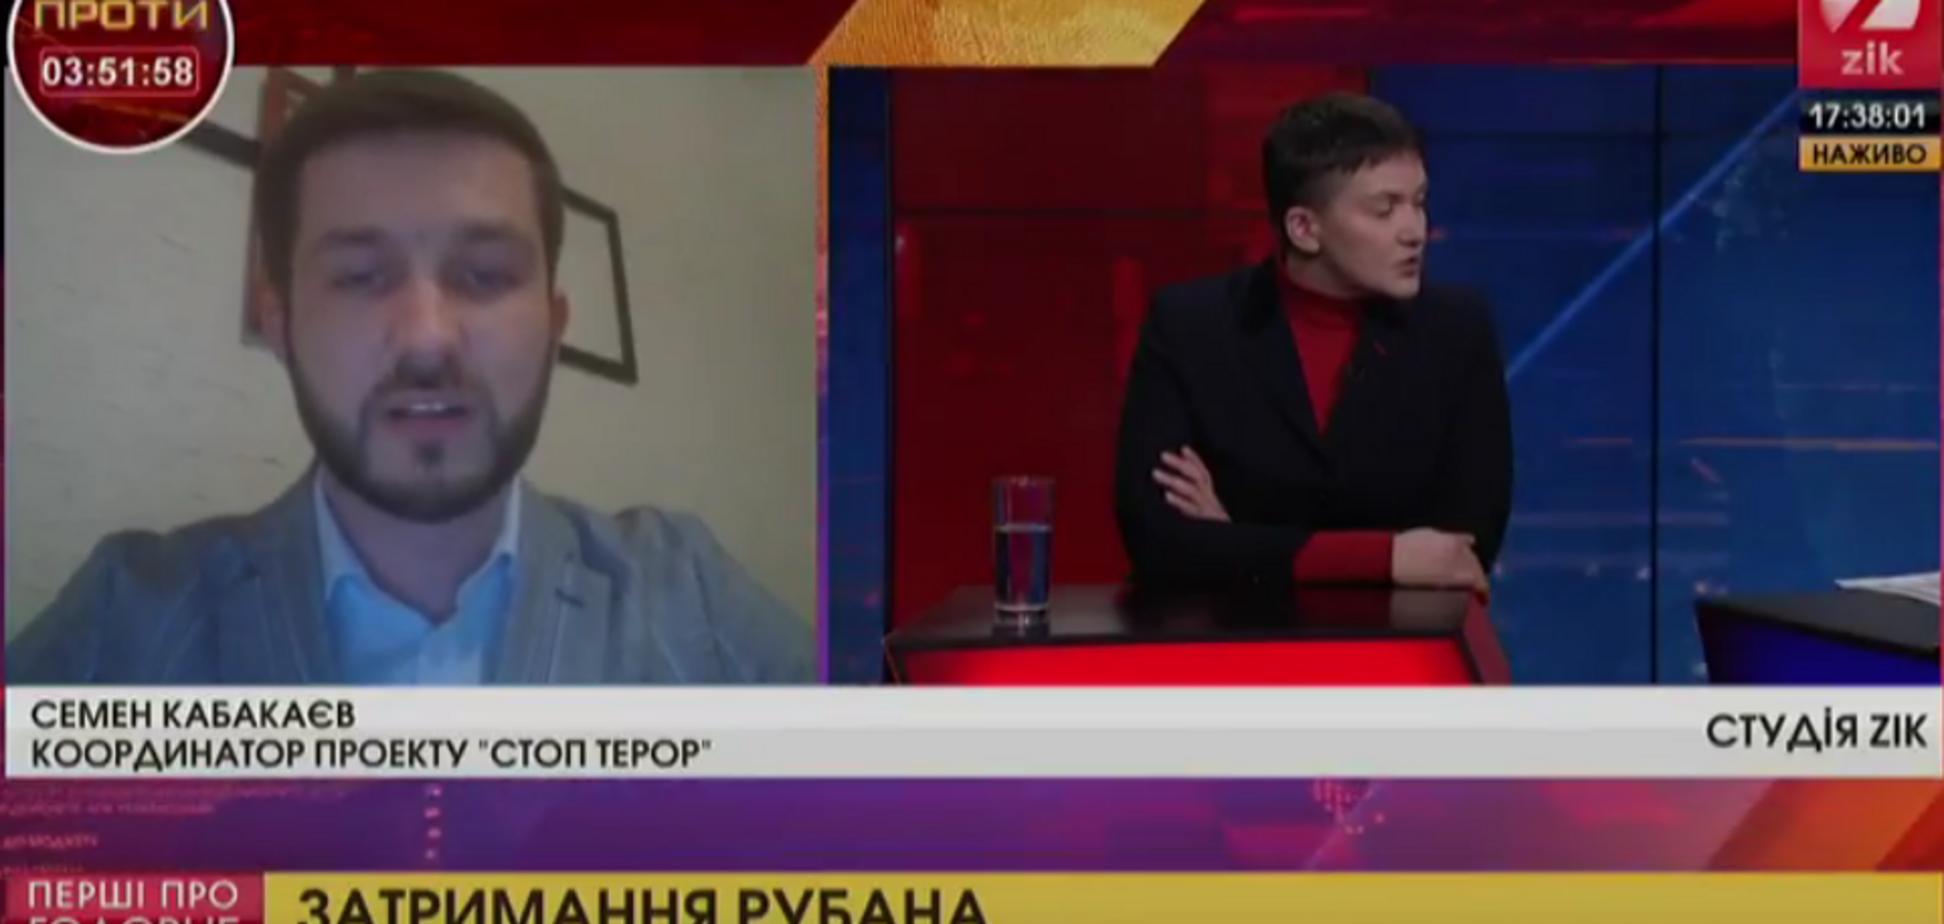 Кабакаєв звинуватив Савченко в причетності до організації терактів